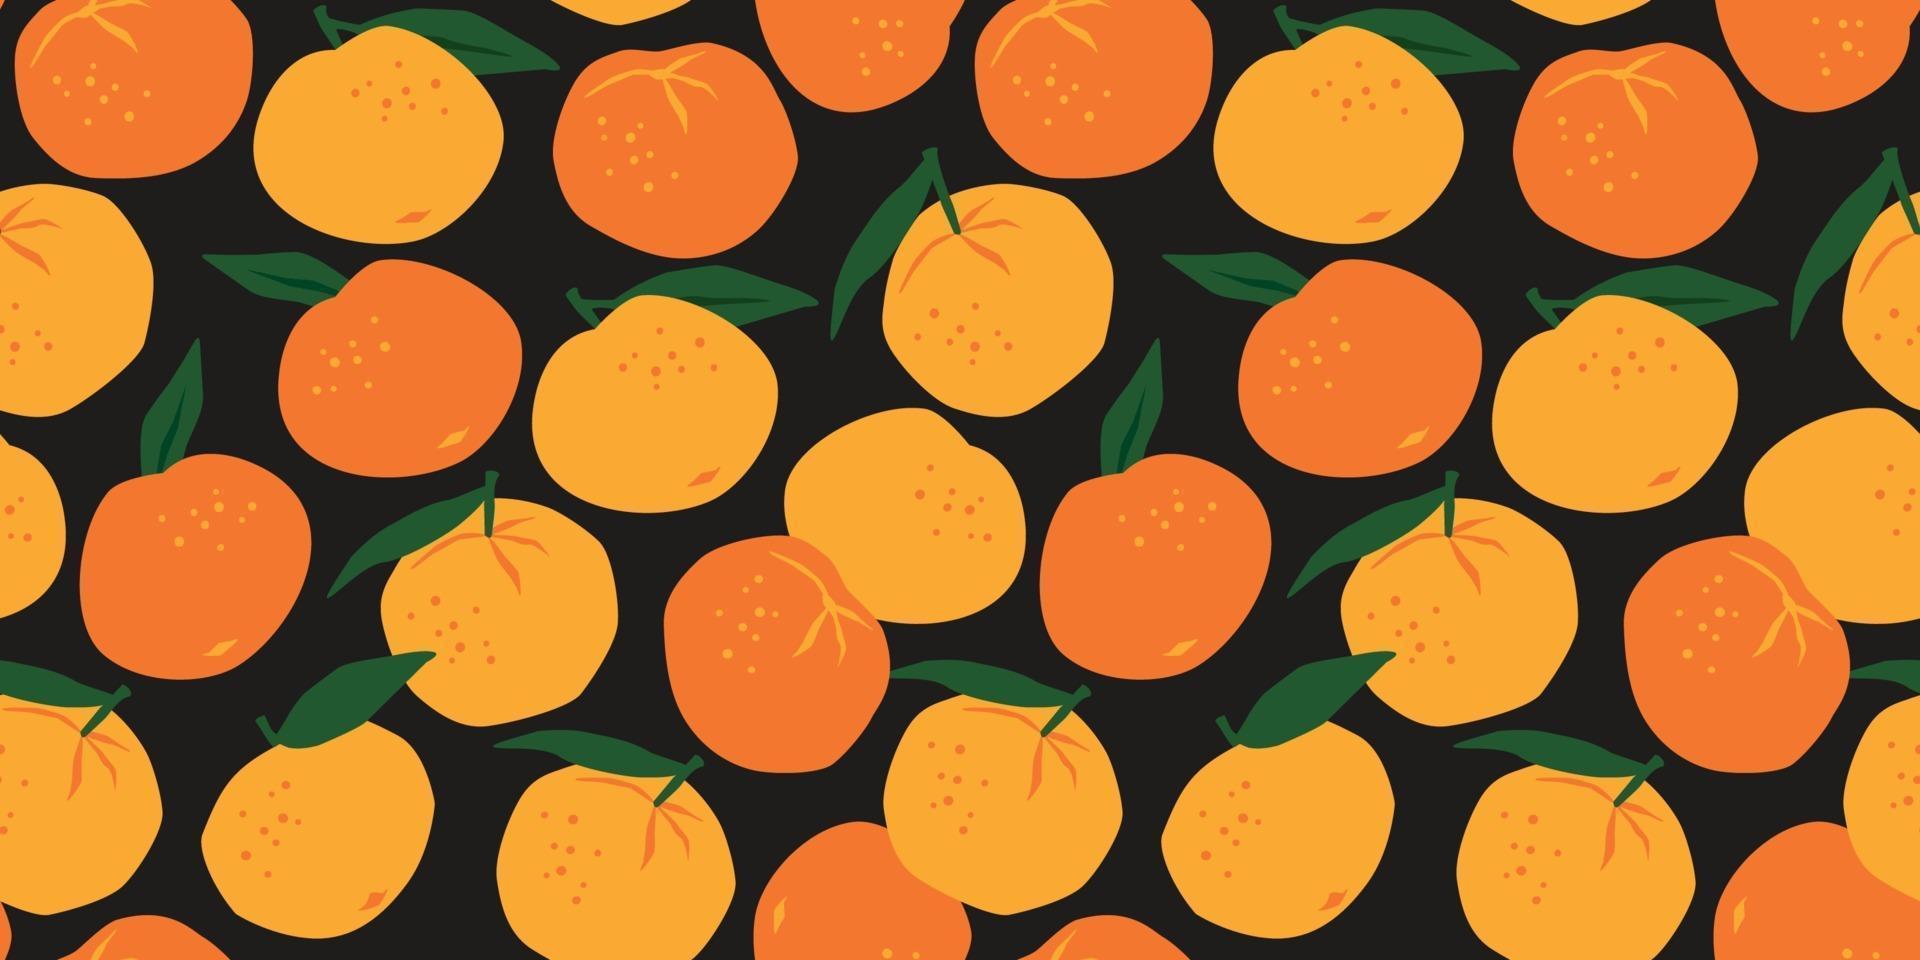 vector naadloze patroon met mandarijnen. trendy handgetekende texturen. modern abstract ontwerp